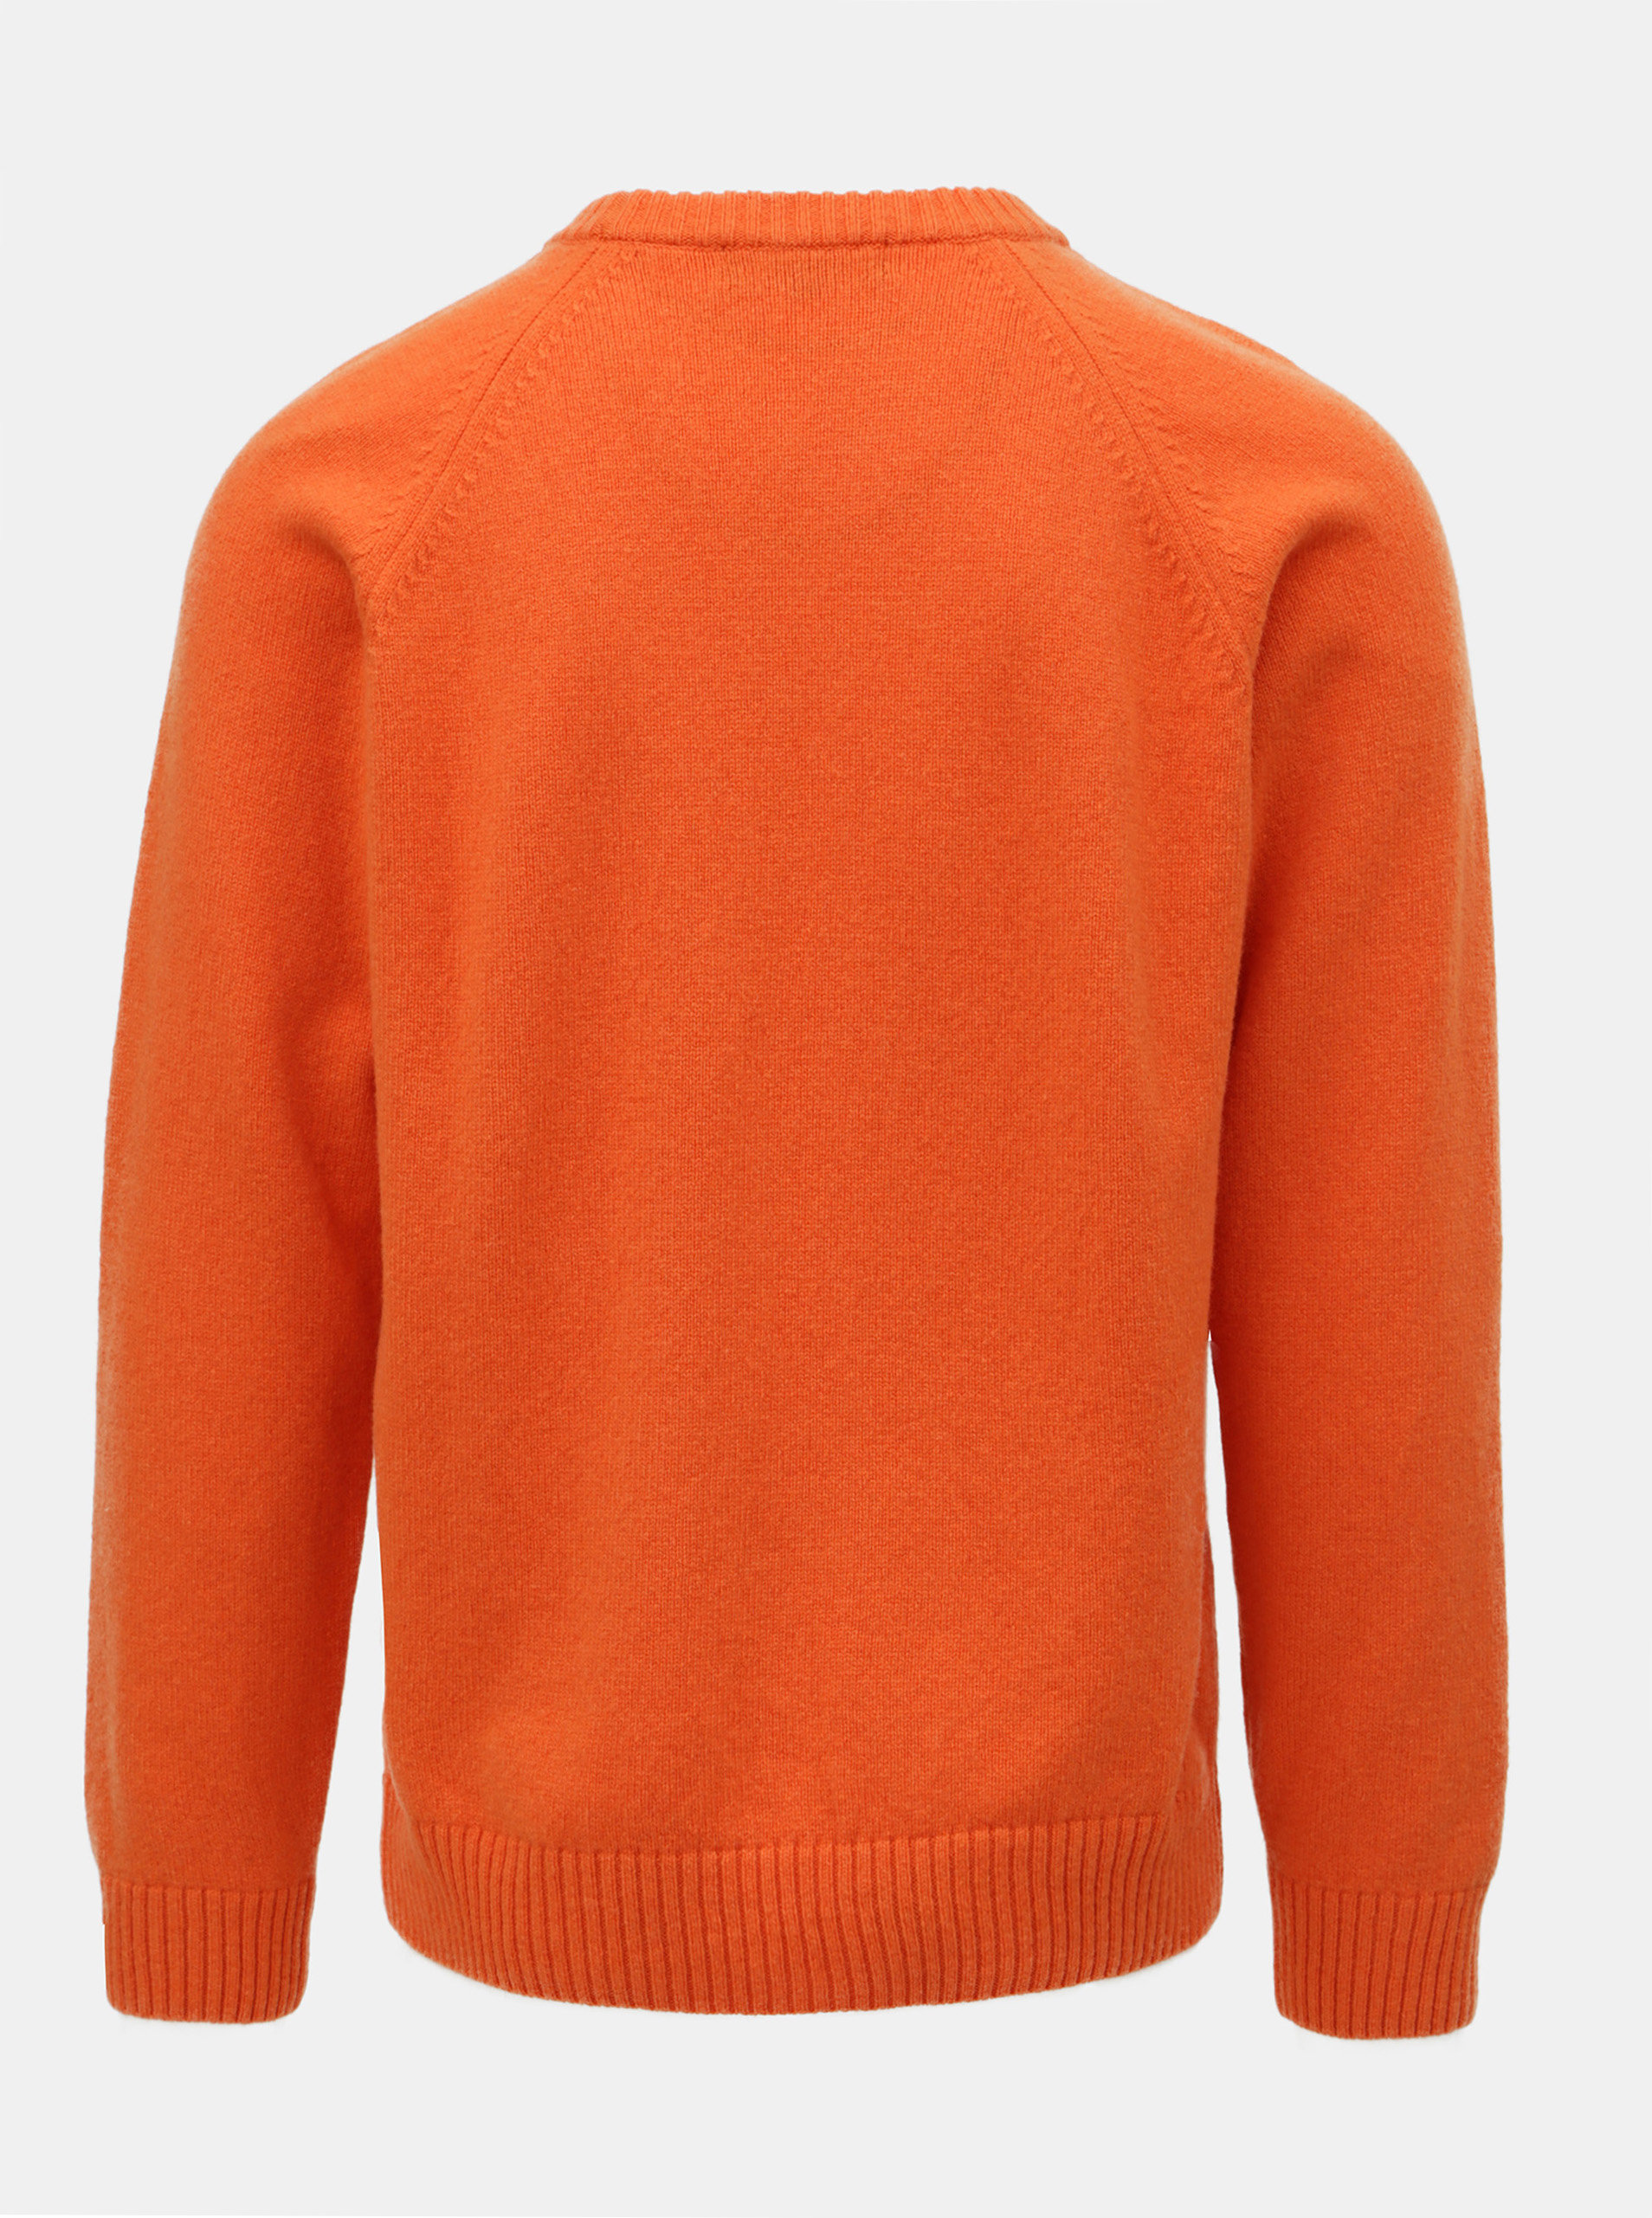 ccc3539eed26 Oranžový pánský svetr z Merino vlny Makia Nordic ...